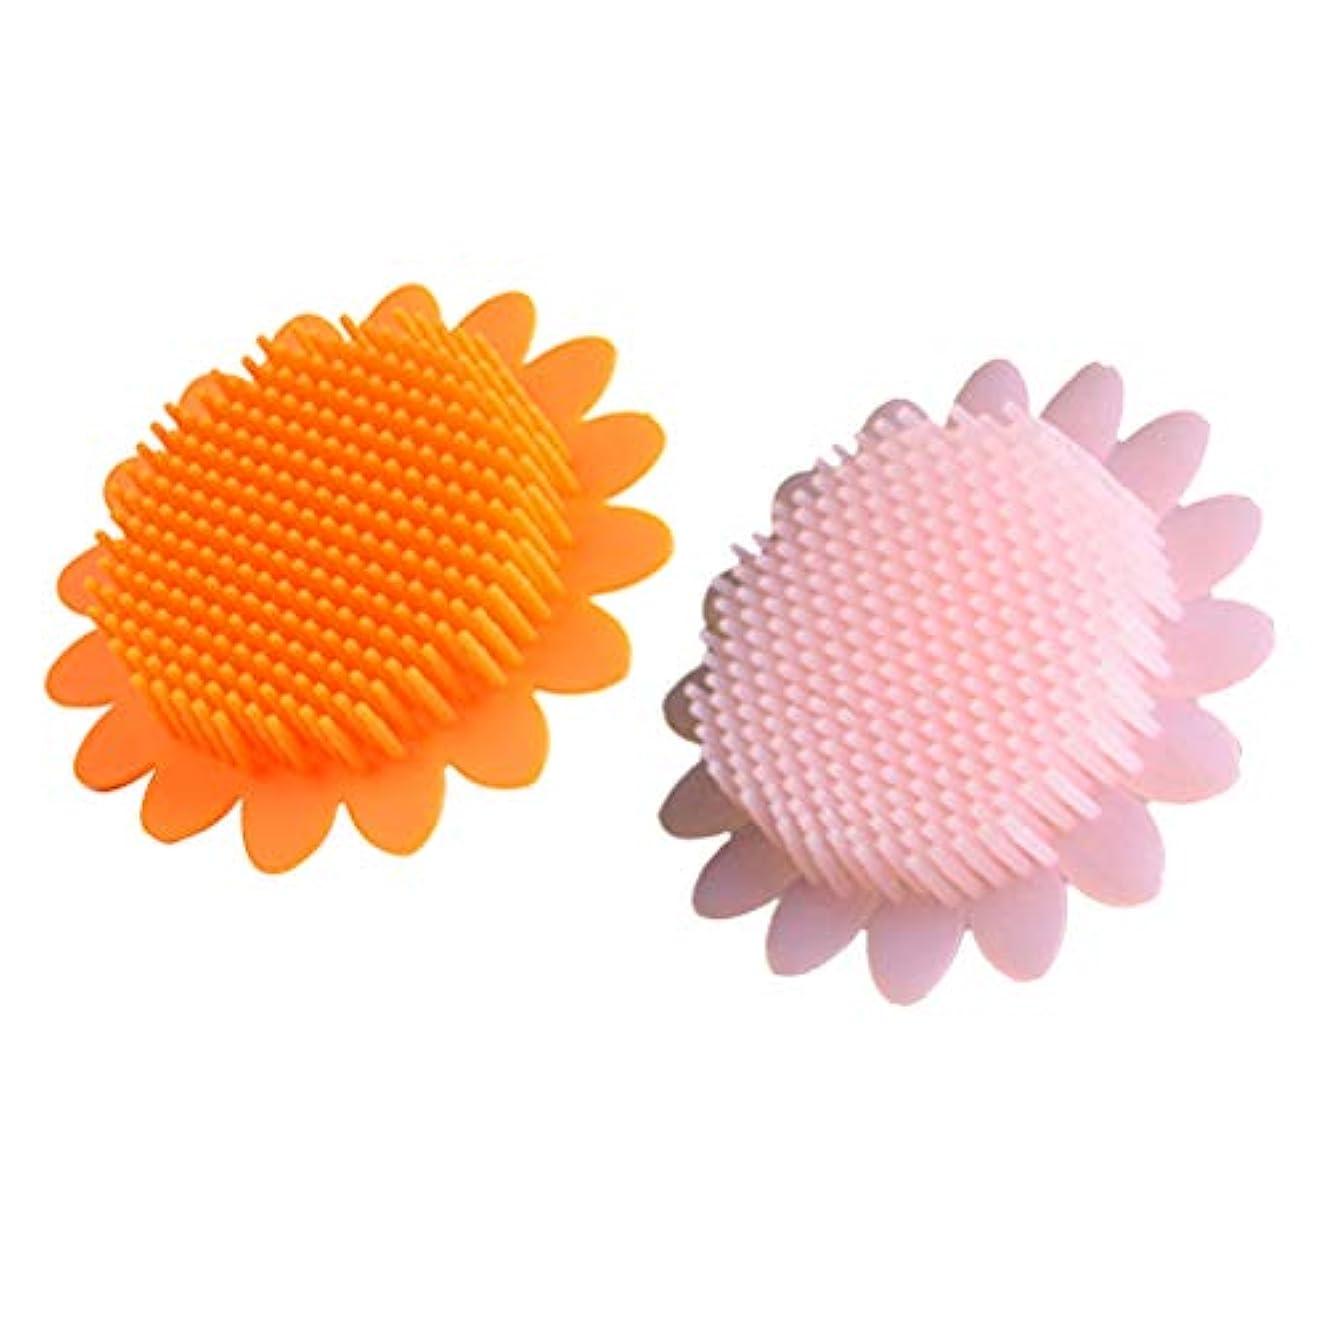 クローゼット倒産コジオスコBeaupretty 2本の赤ちゃん風呂ブラシシリコーンボディブラシ頭皮マッサージブラシ赤ちゃんのためのシャンプーブラシ(オレンジ+ピンク)